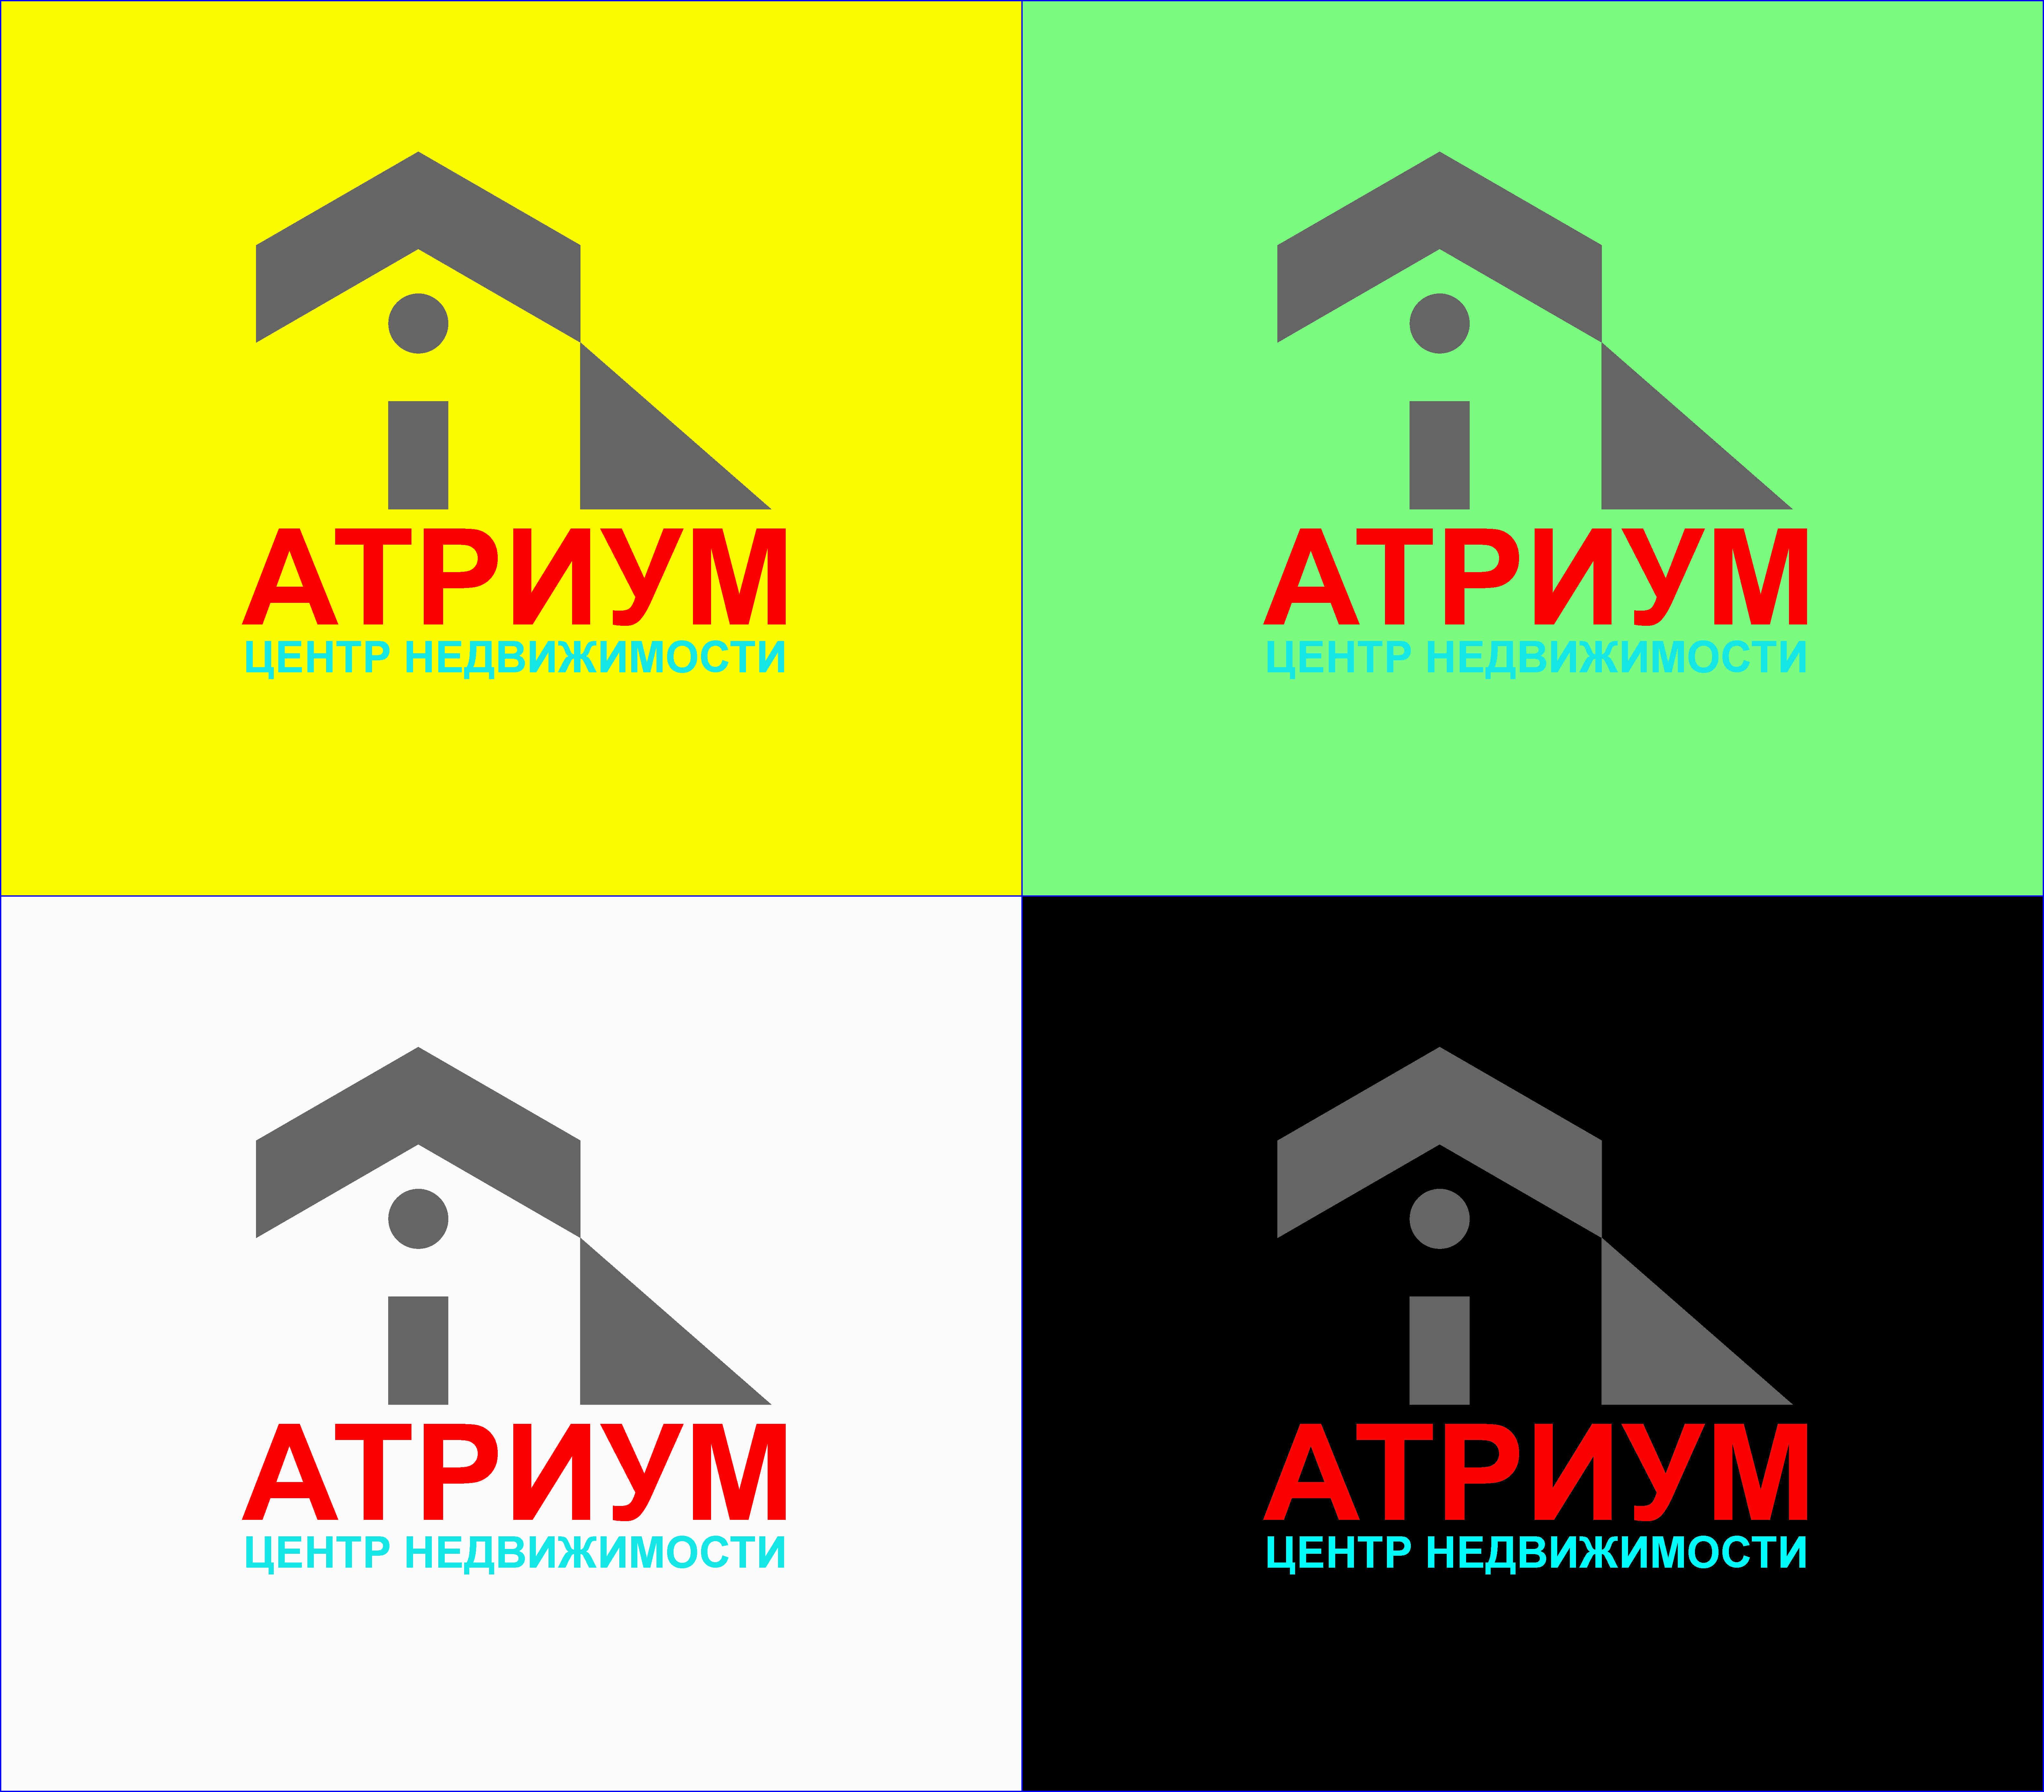 Редизайн / модернизация логотипа Центра недвижимости фото f_1155bd0794d47d47.jpg